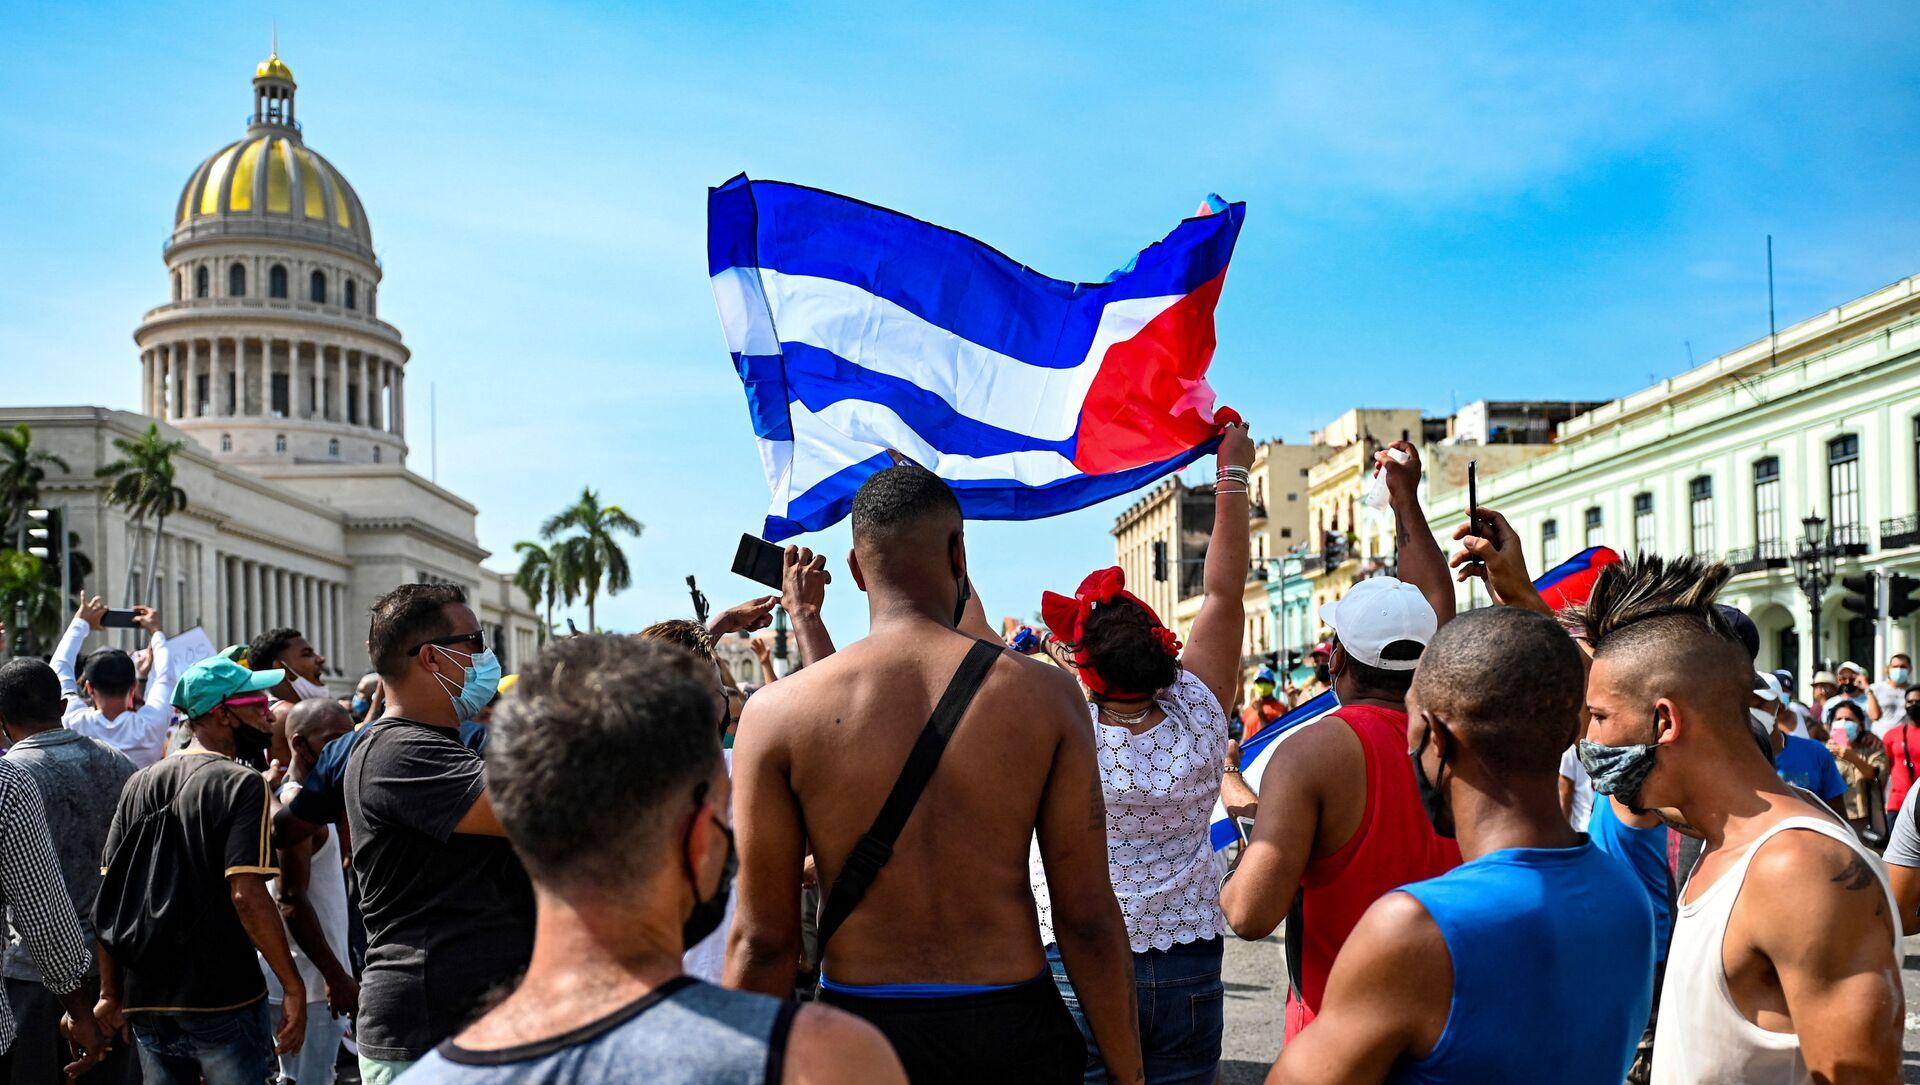 Кубинцы у Капитолия Гаваны во время демонстрации против правительства - Sputnik Азербайджан, 1920, 16.07.2021